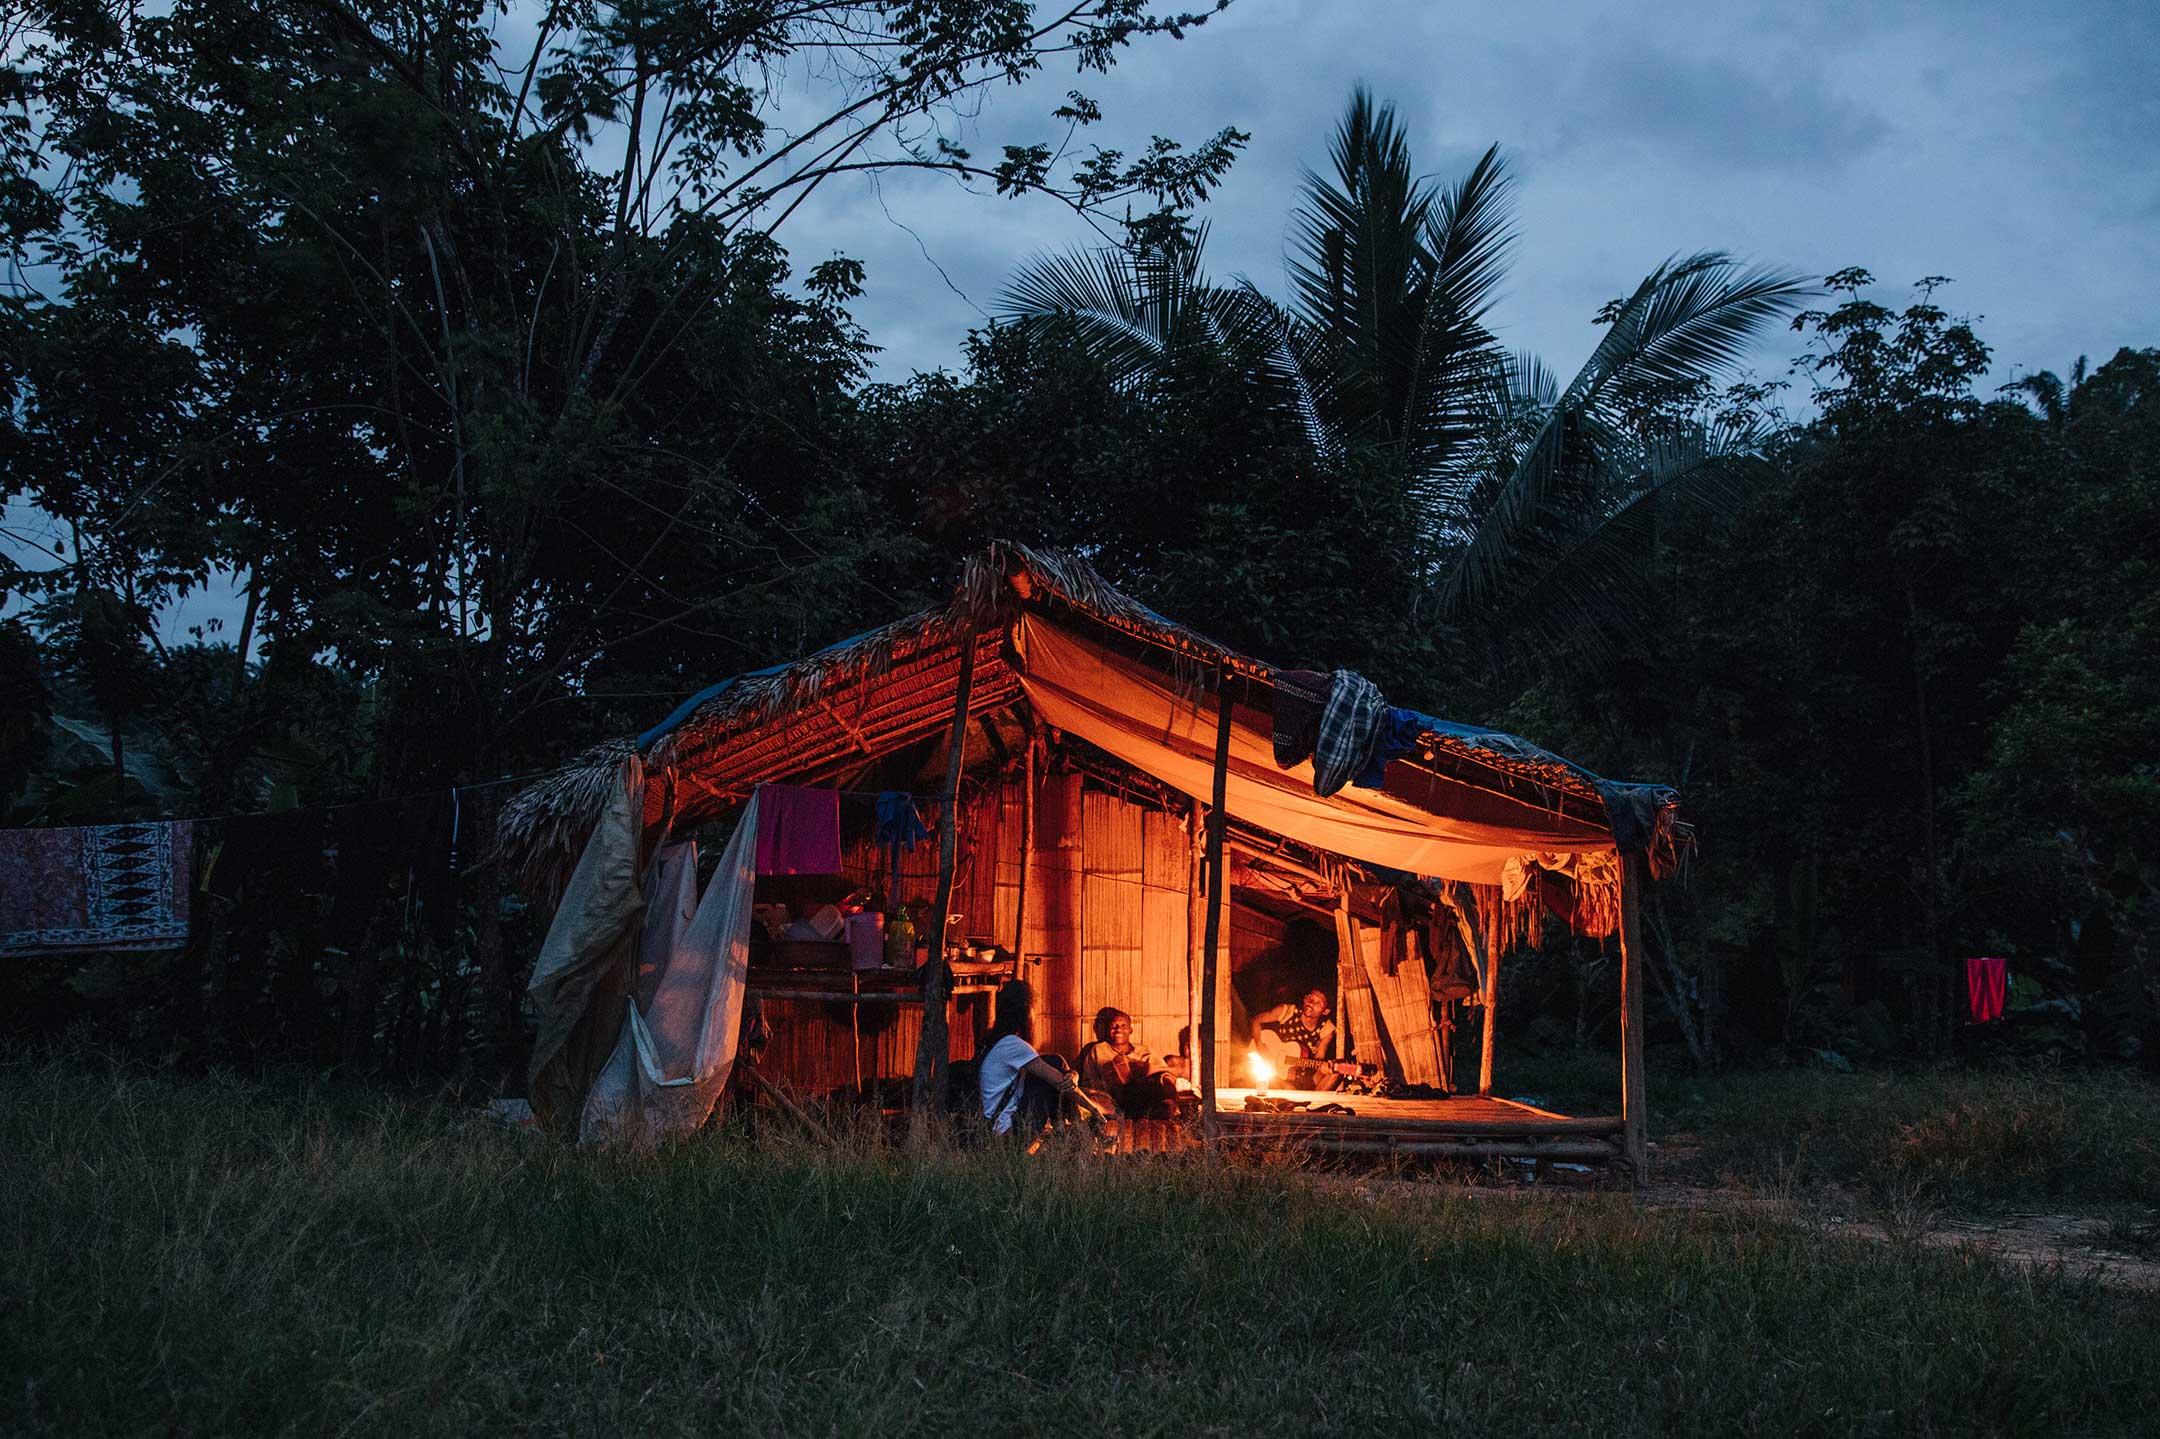 沒有電的夜晚,村長伯粿家用鋁罐點起小火照明。 攝影:郭于珂